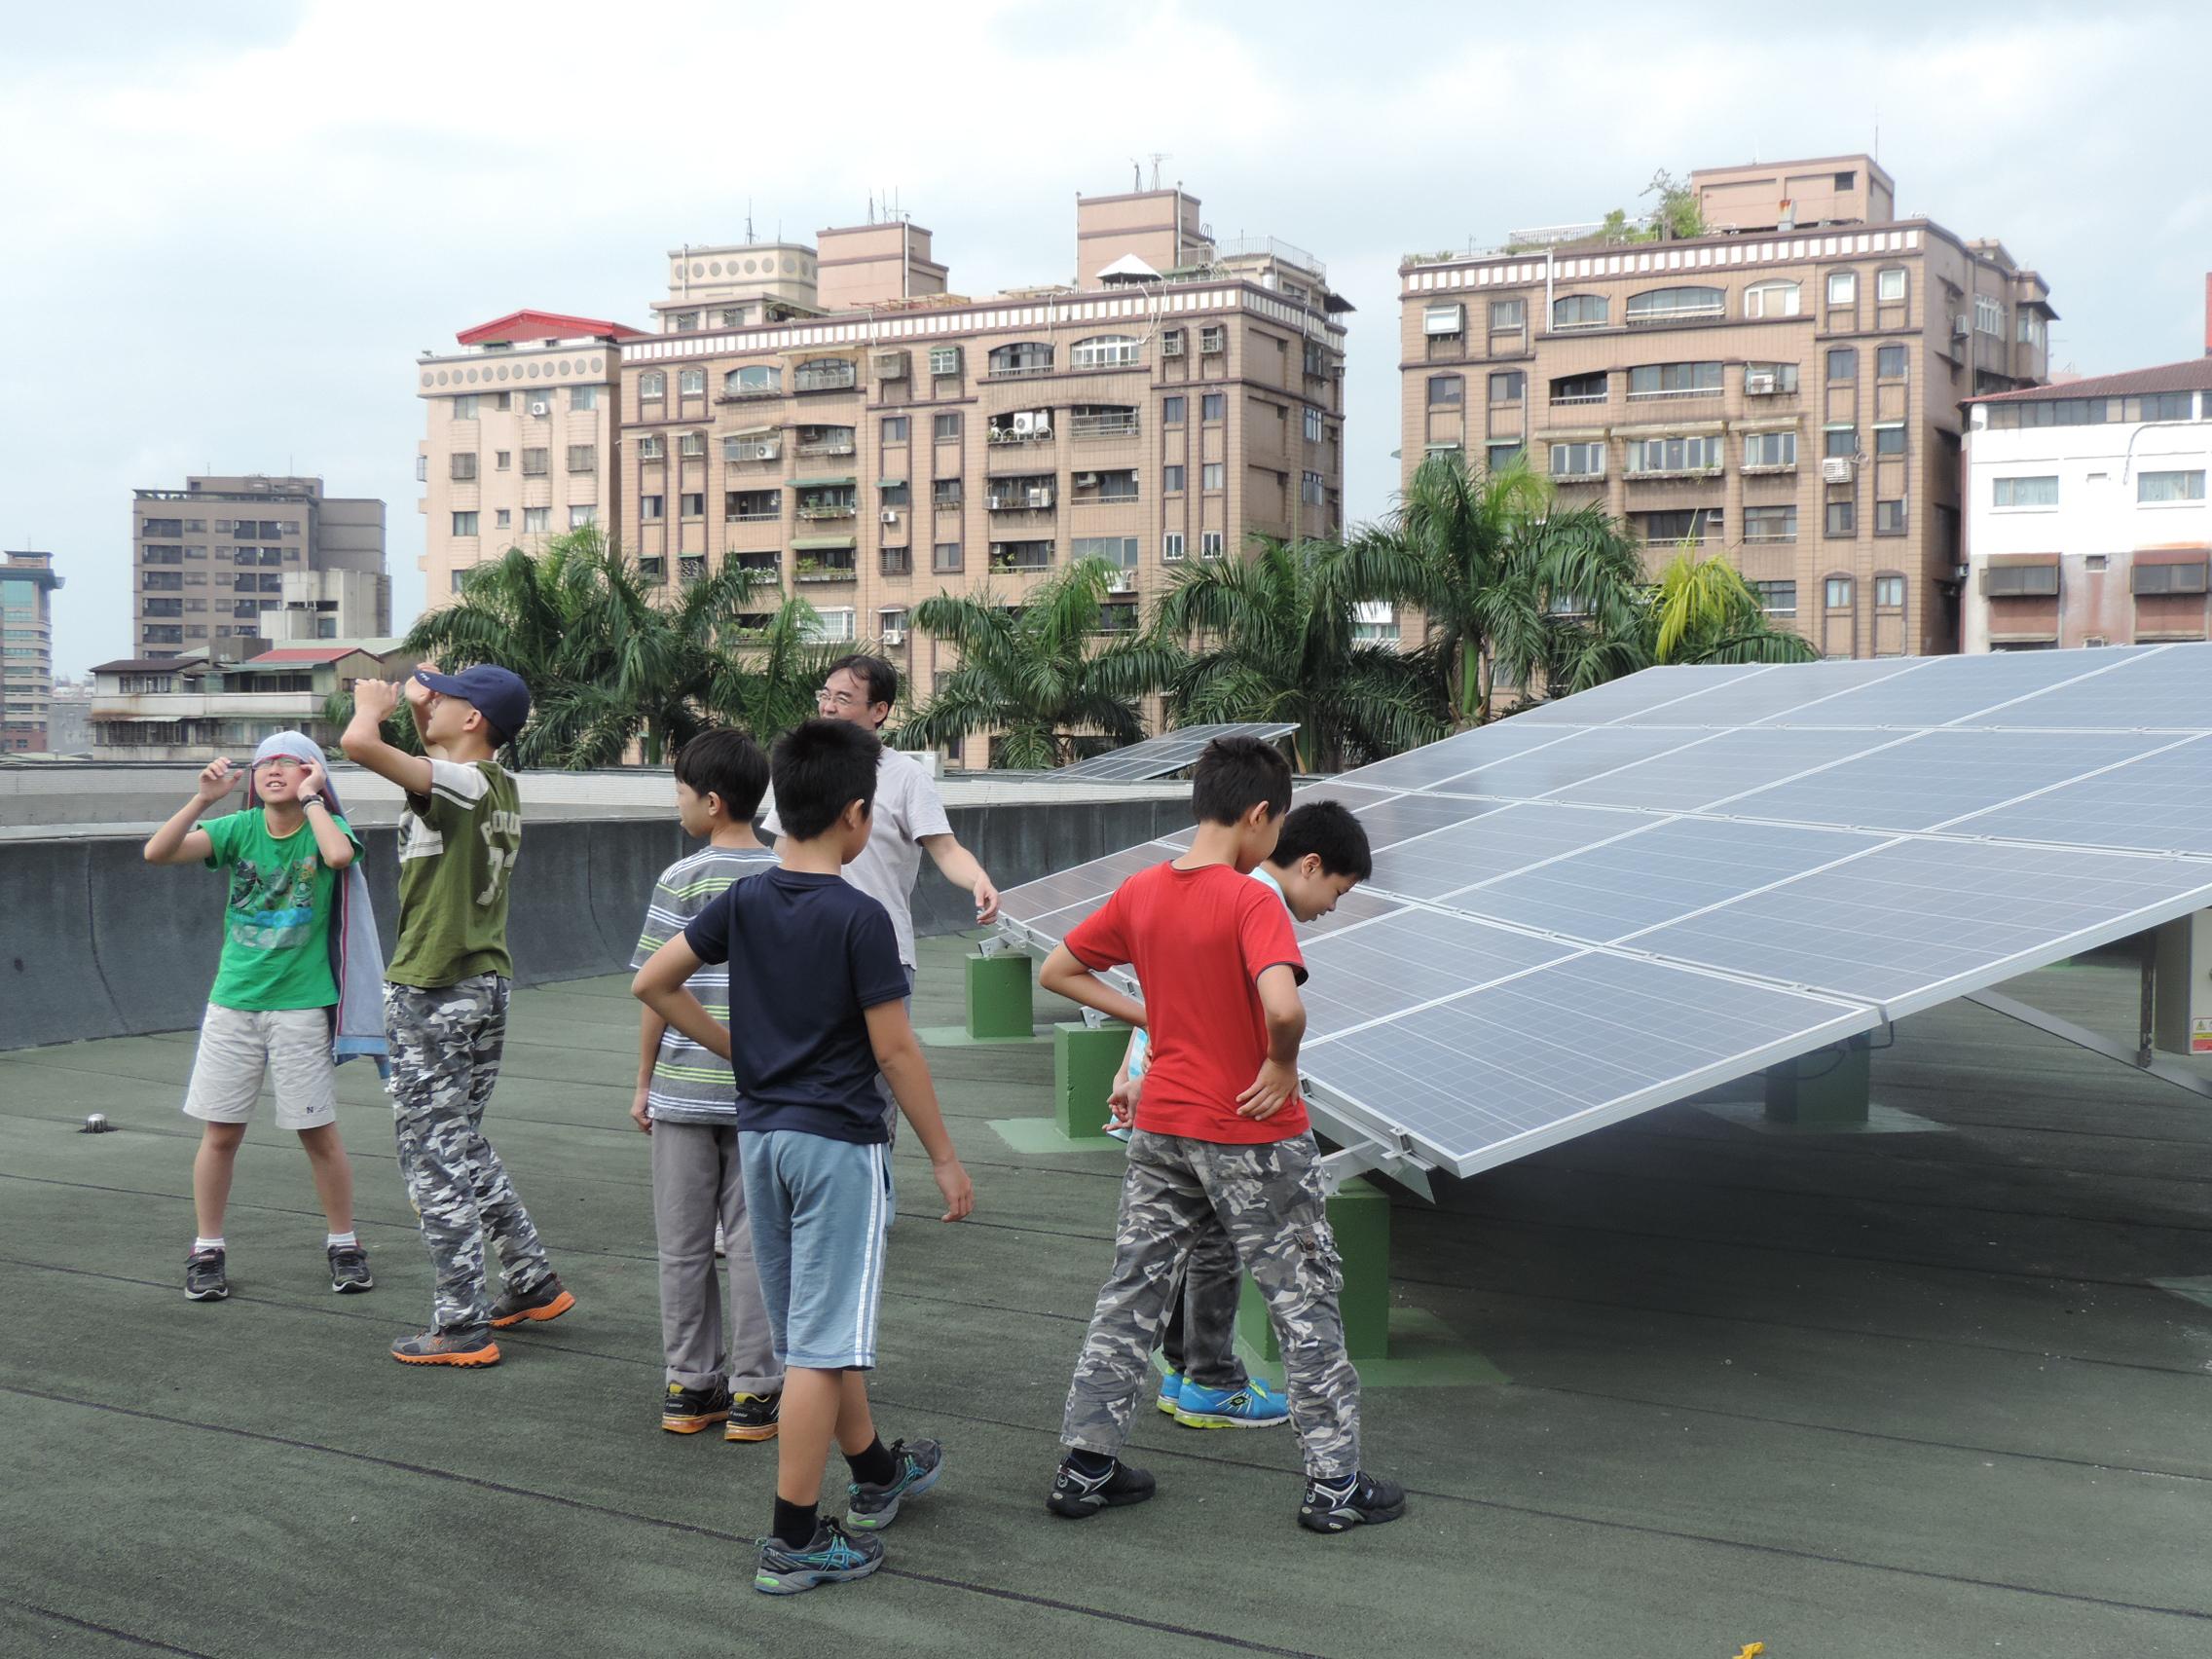 龍山國中屋頂設置太陽能板照片